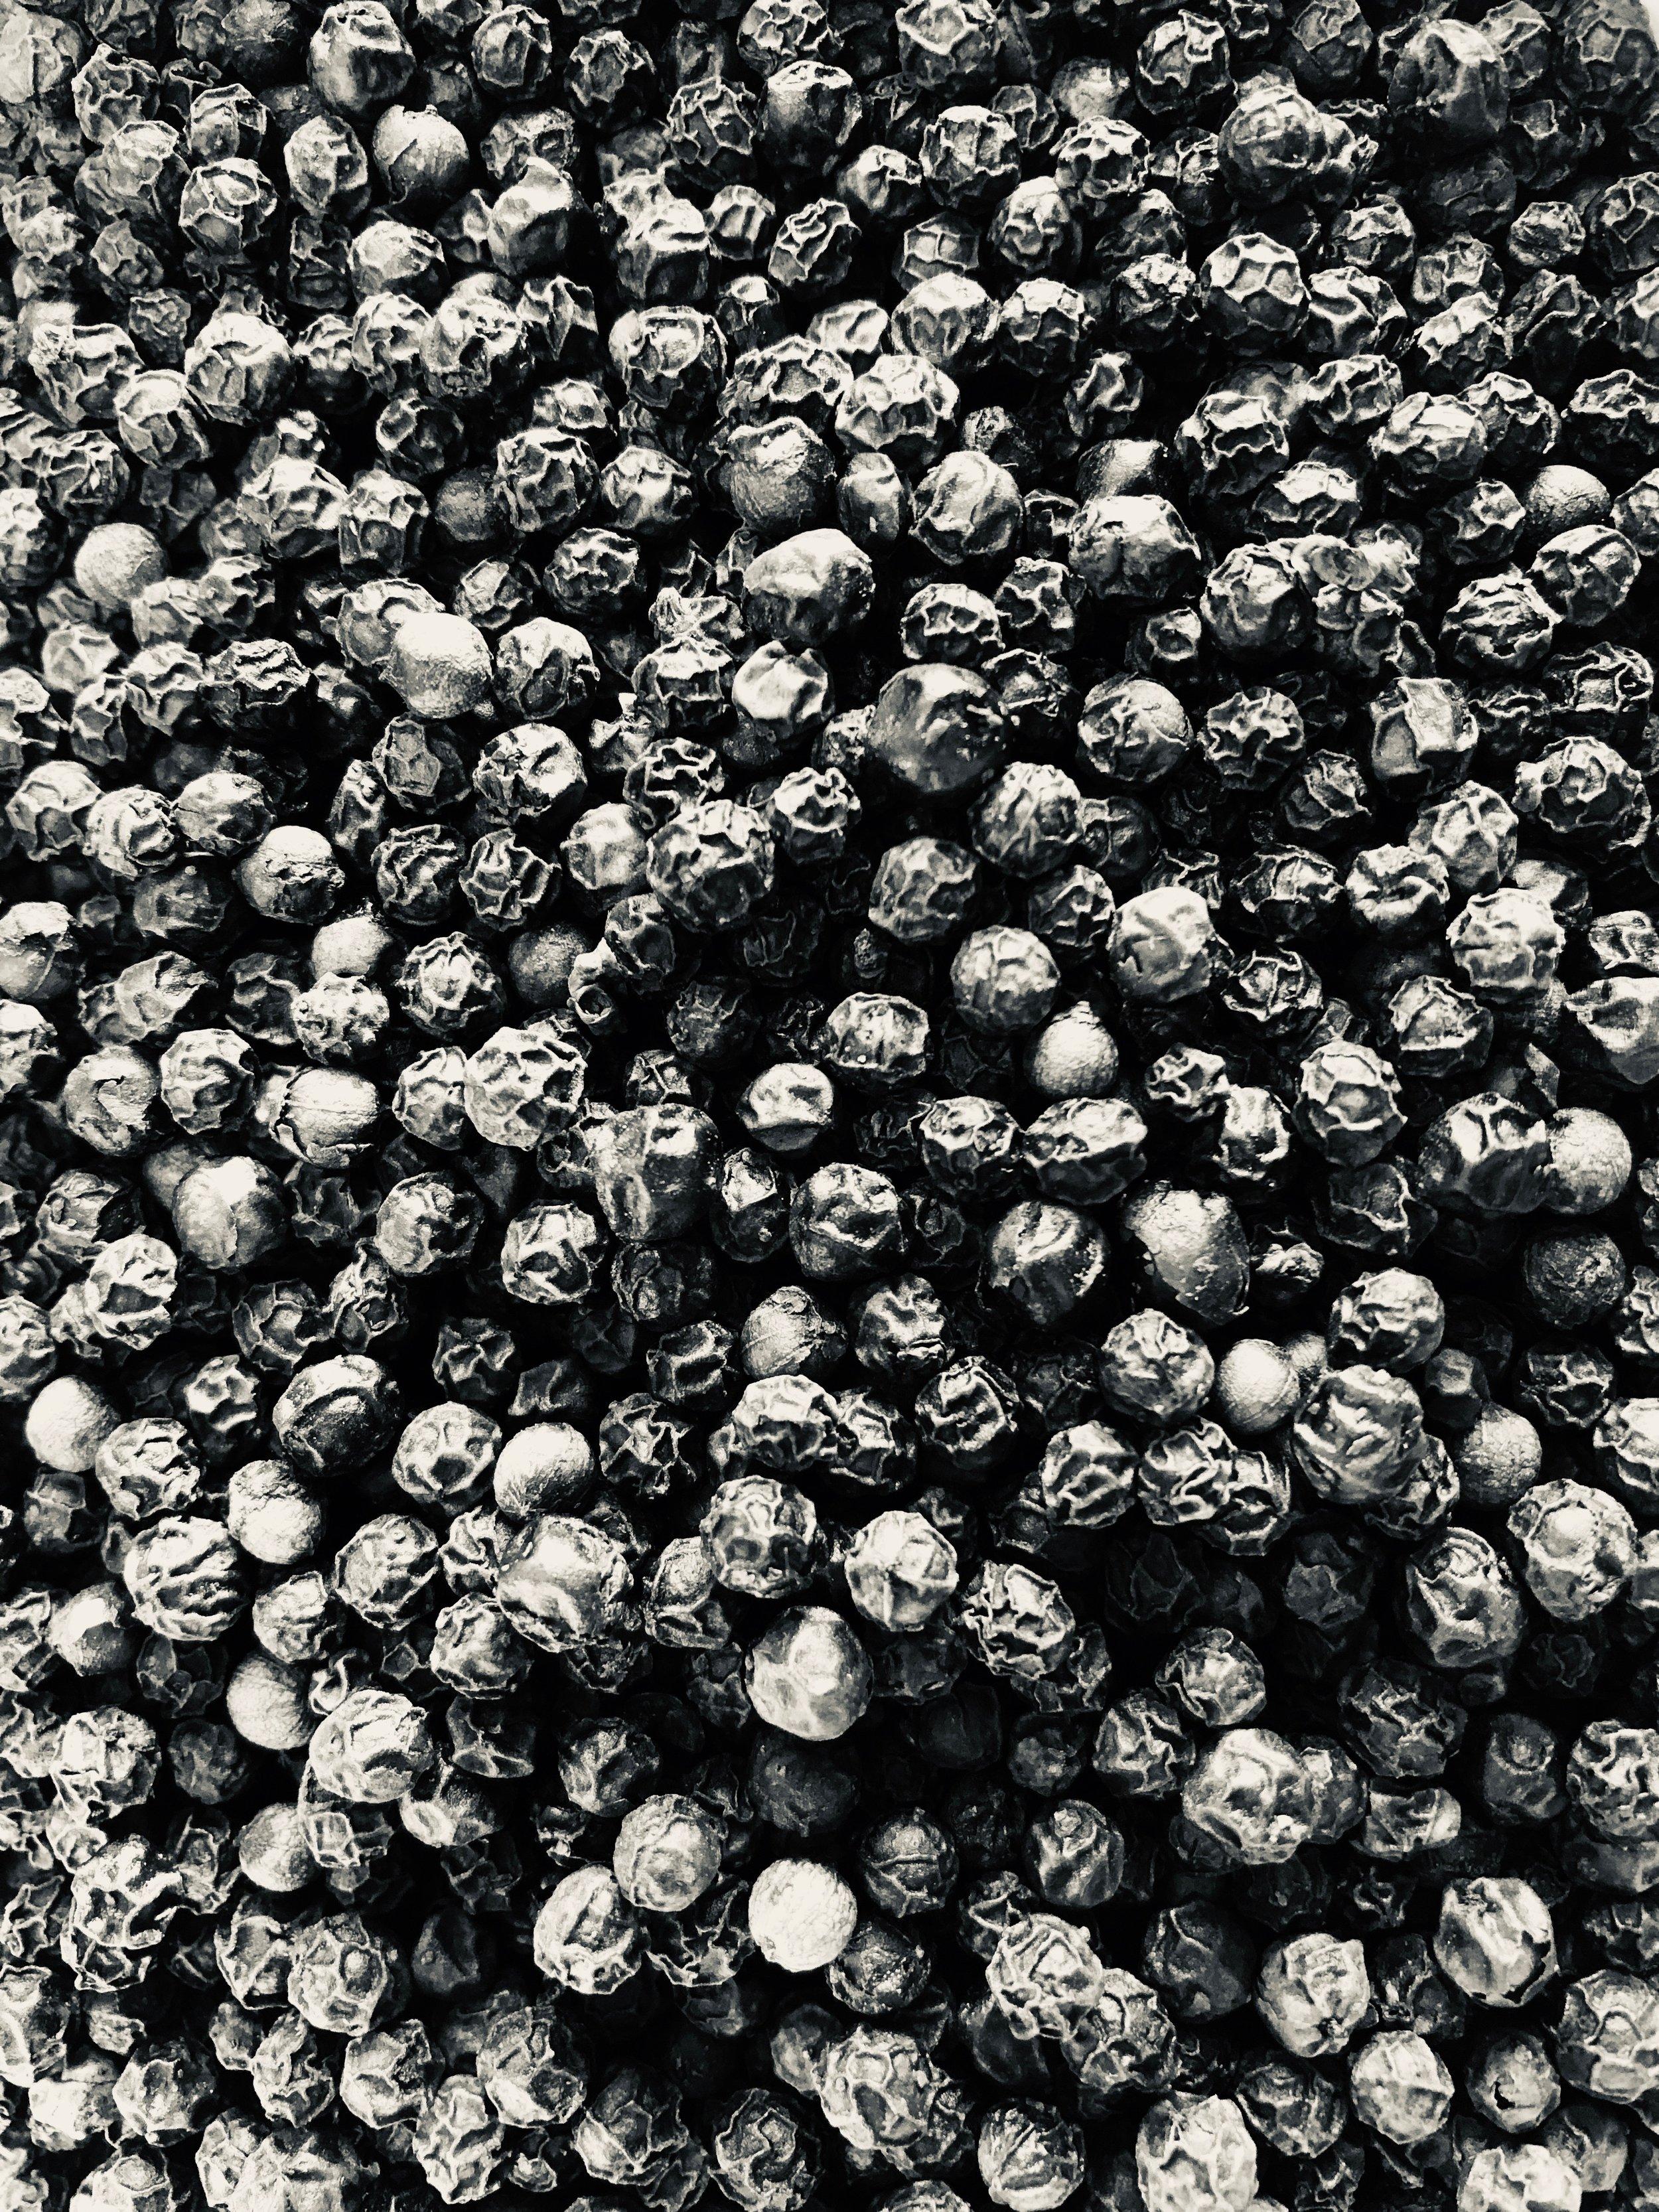 B&W peppercorns.jpg